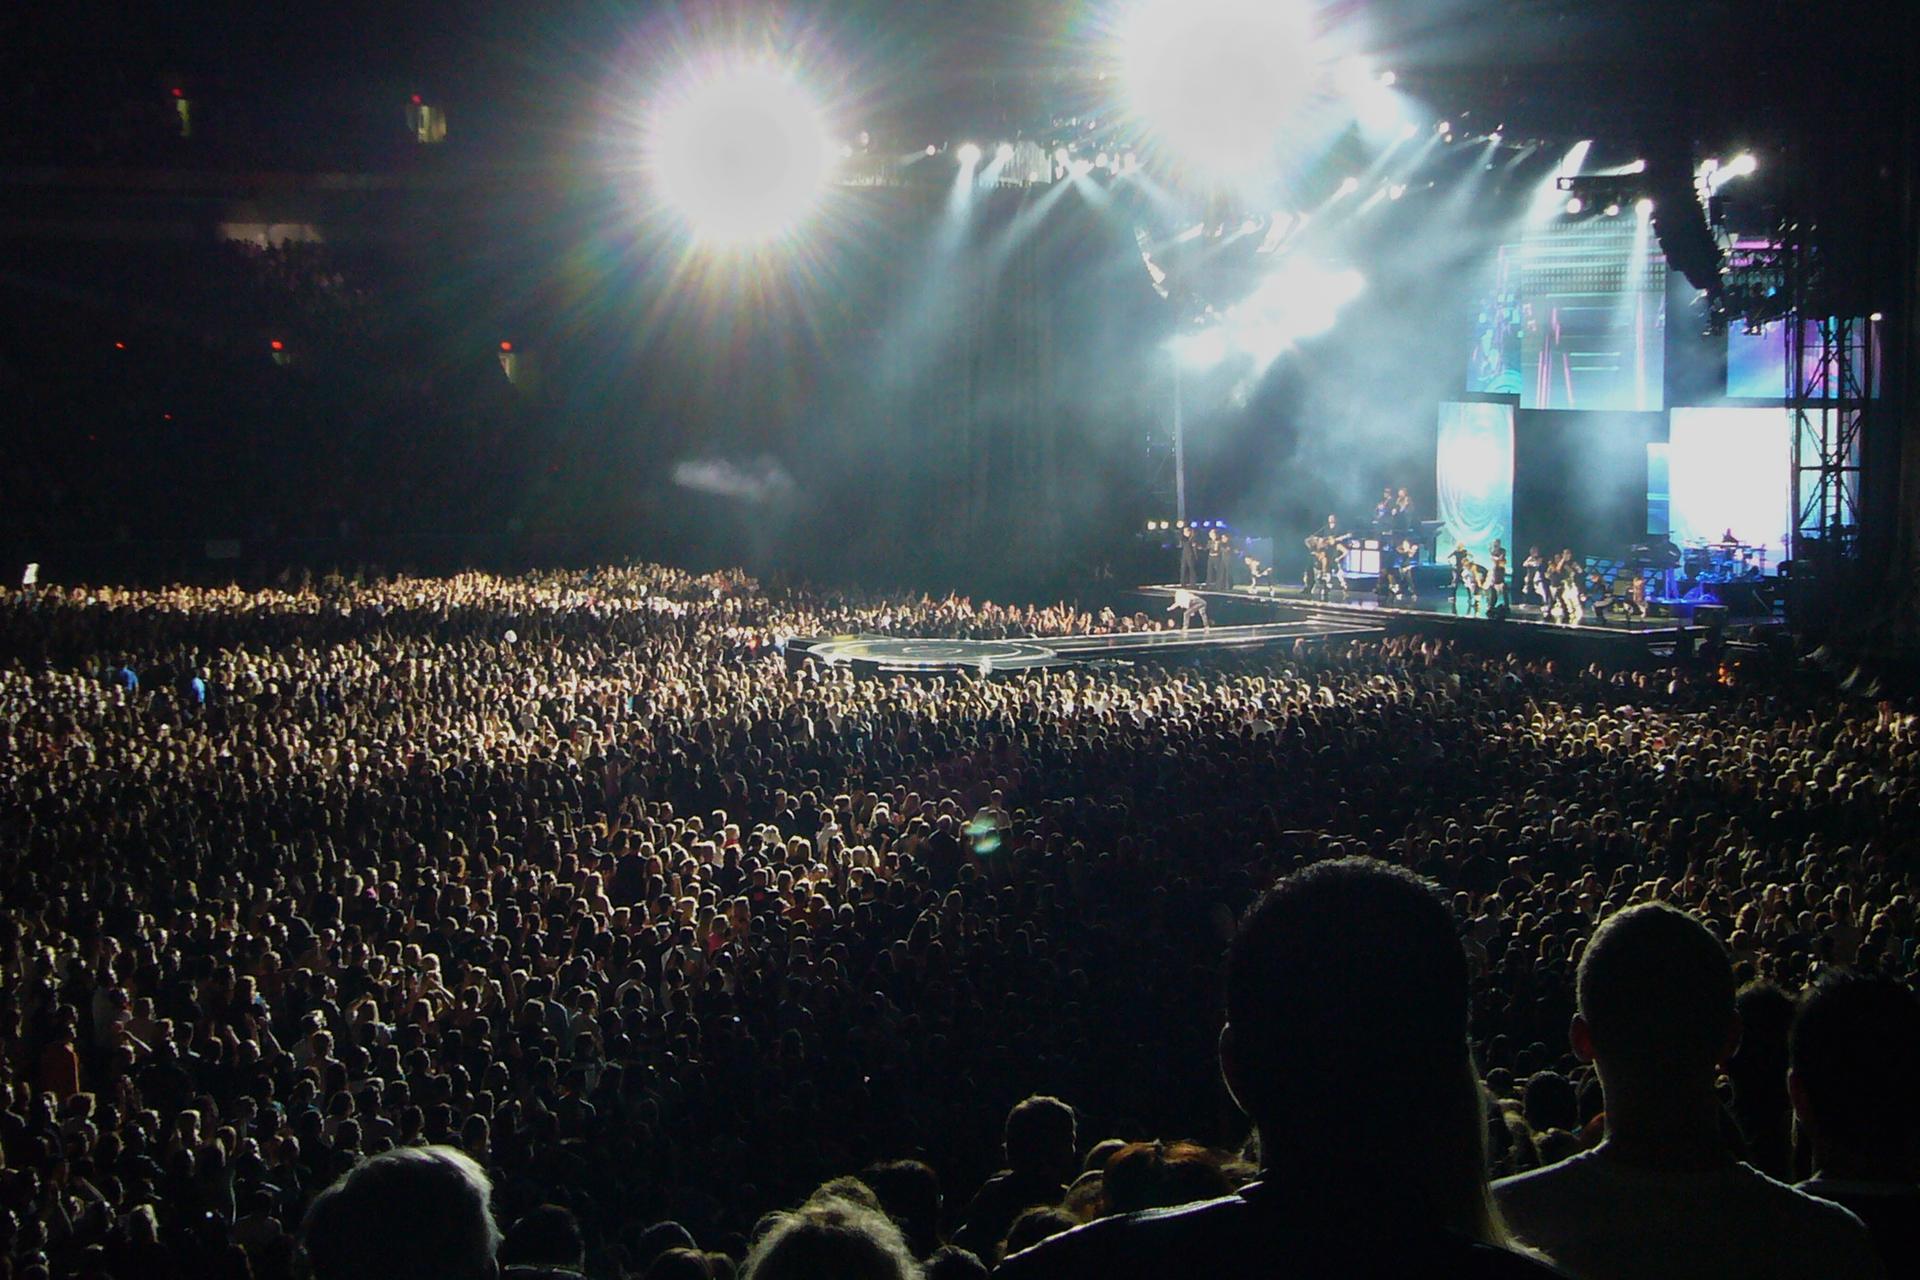 Galeria składa się zpięciu zdjęć prezentujących przykłady imprez masowych. Zdjęcie numer jeden przedstawia wielotysięczny koncert plenerowy nocą. Na pierwszym planie tłum widzów ciągnący się nieprzerwanie aż po najodleglejsze tło. Wgłębi zdjęcia, po prawej stronie, scena muzyczna, ana niej członkowie zespołu muzycznego. Nad sceną kilka dużych reflektorów. Reflektory oświetlają scenę białym światłem. Na pionowej ścianie sceny duże ekrany przedstawiające członków zespołu.